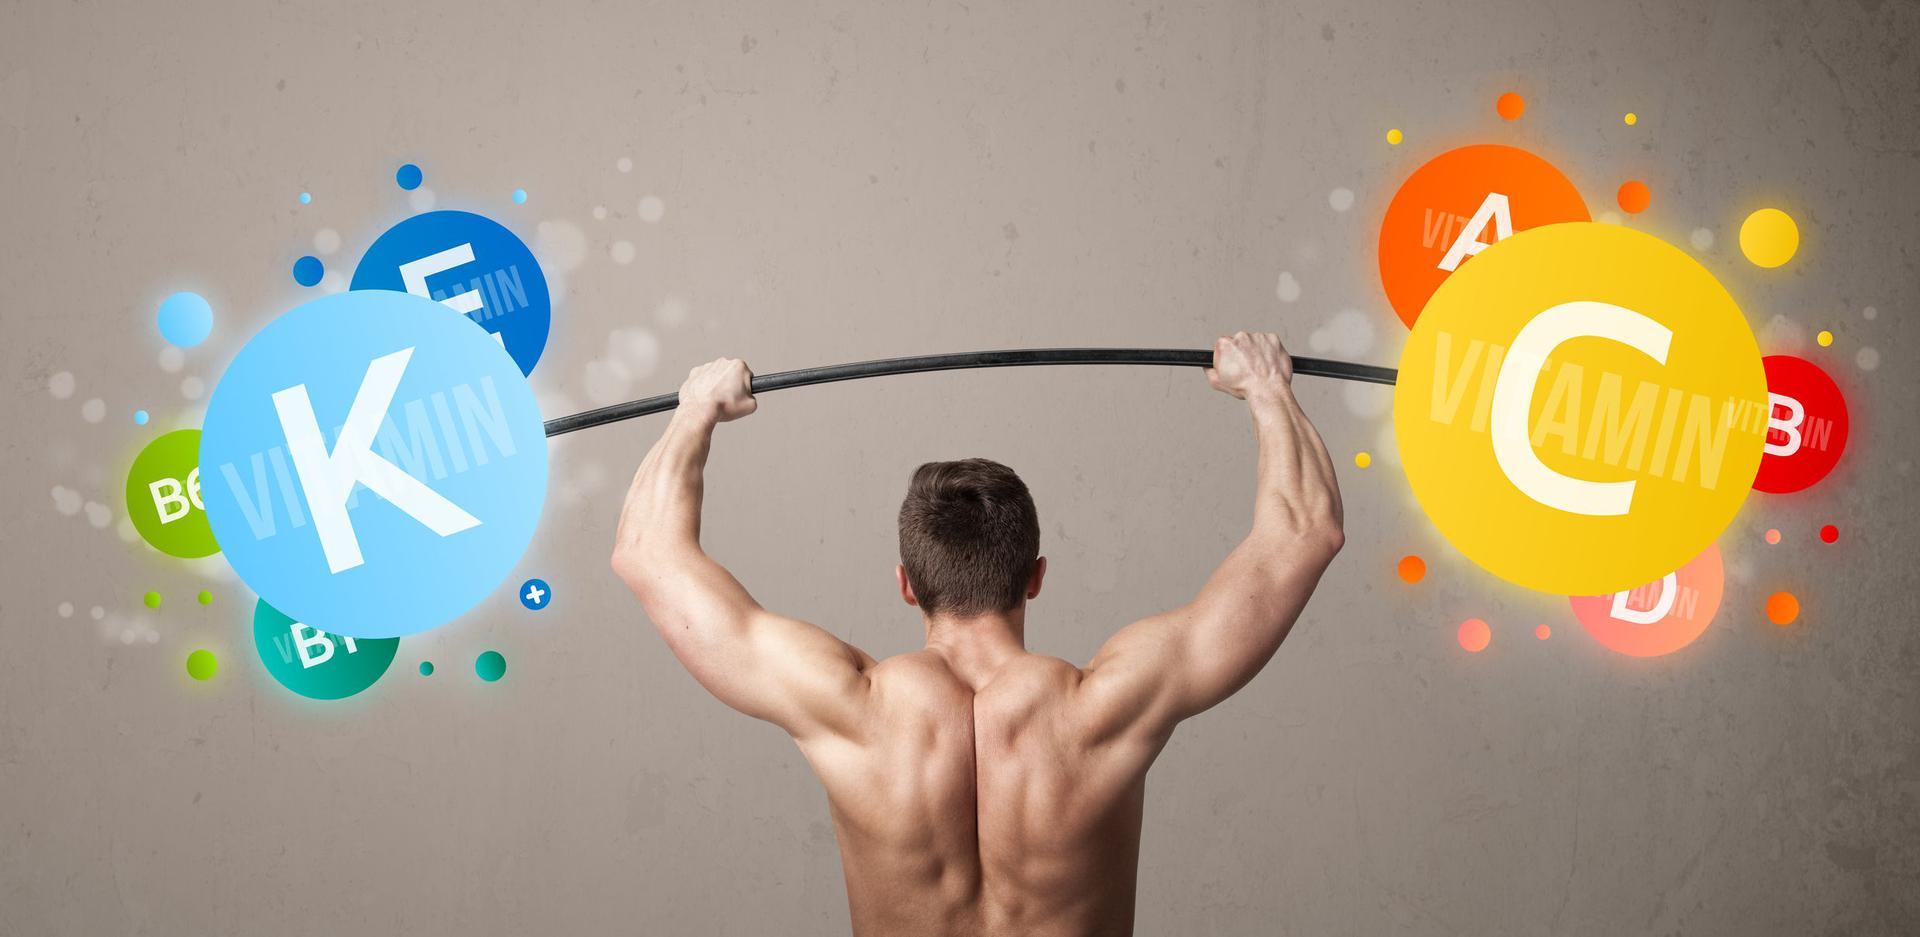 Kost, kosttillskott, daglig träning - är det viktminskning eller energi och vitalitet